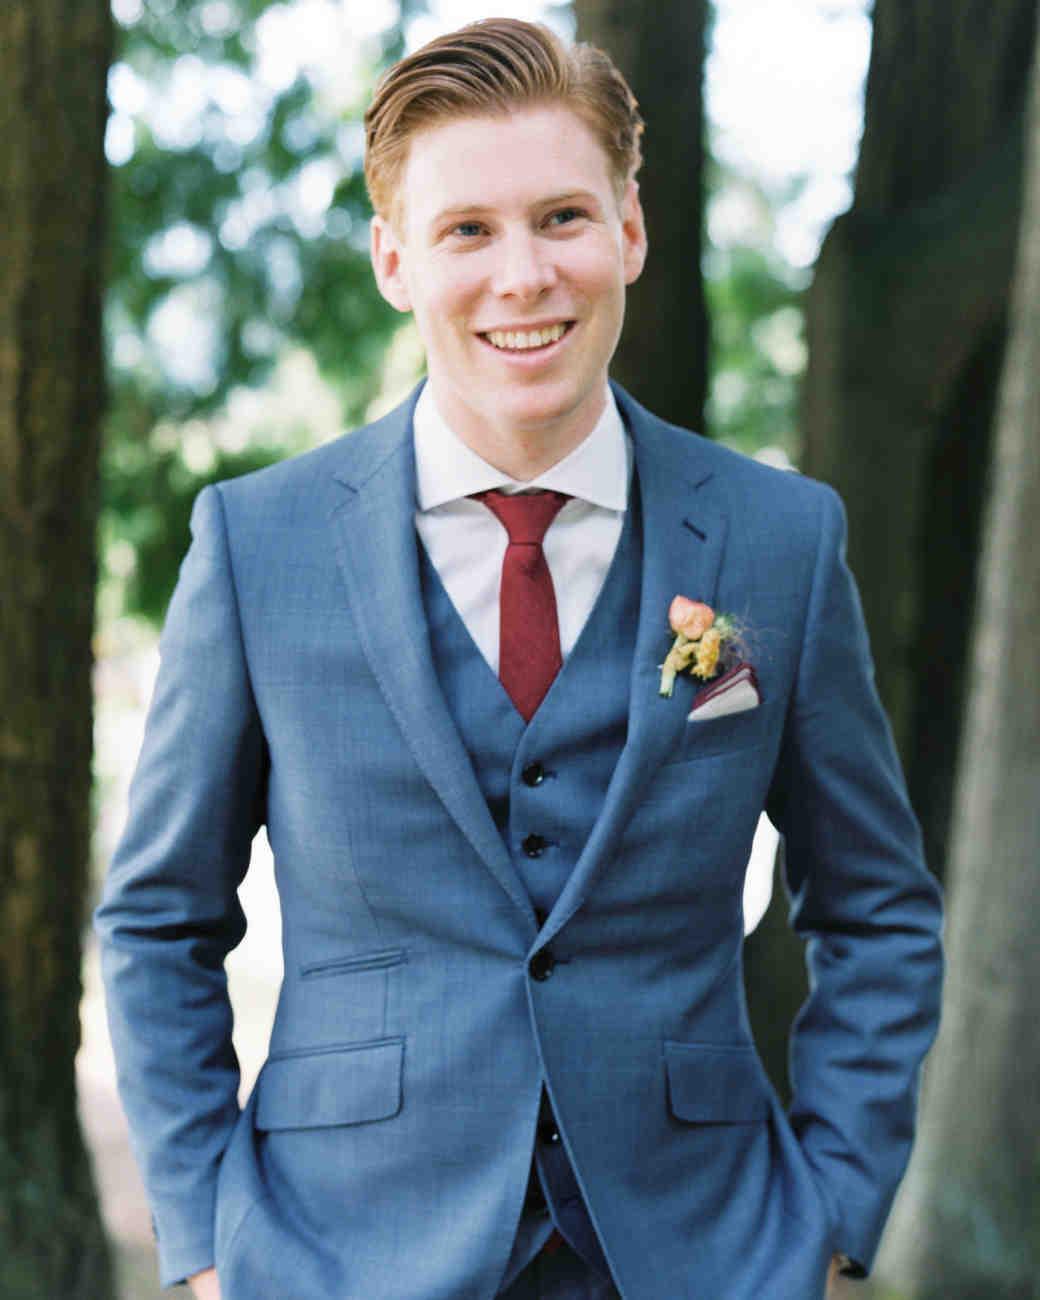 paige matt wedding groom